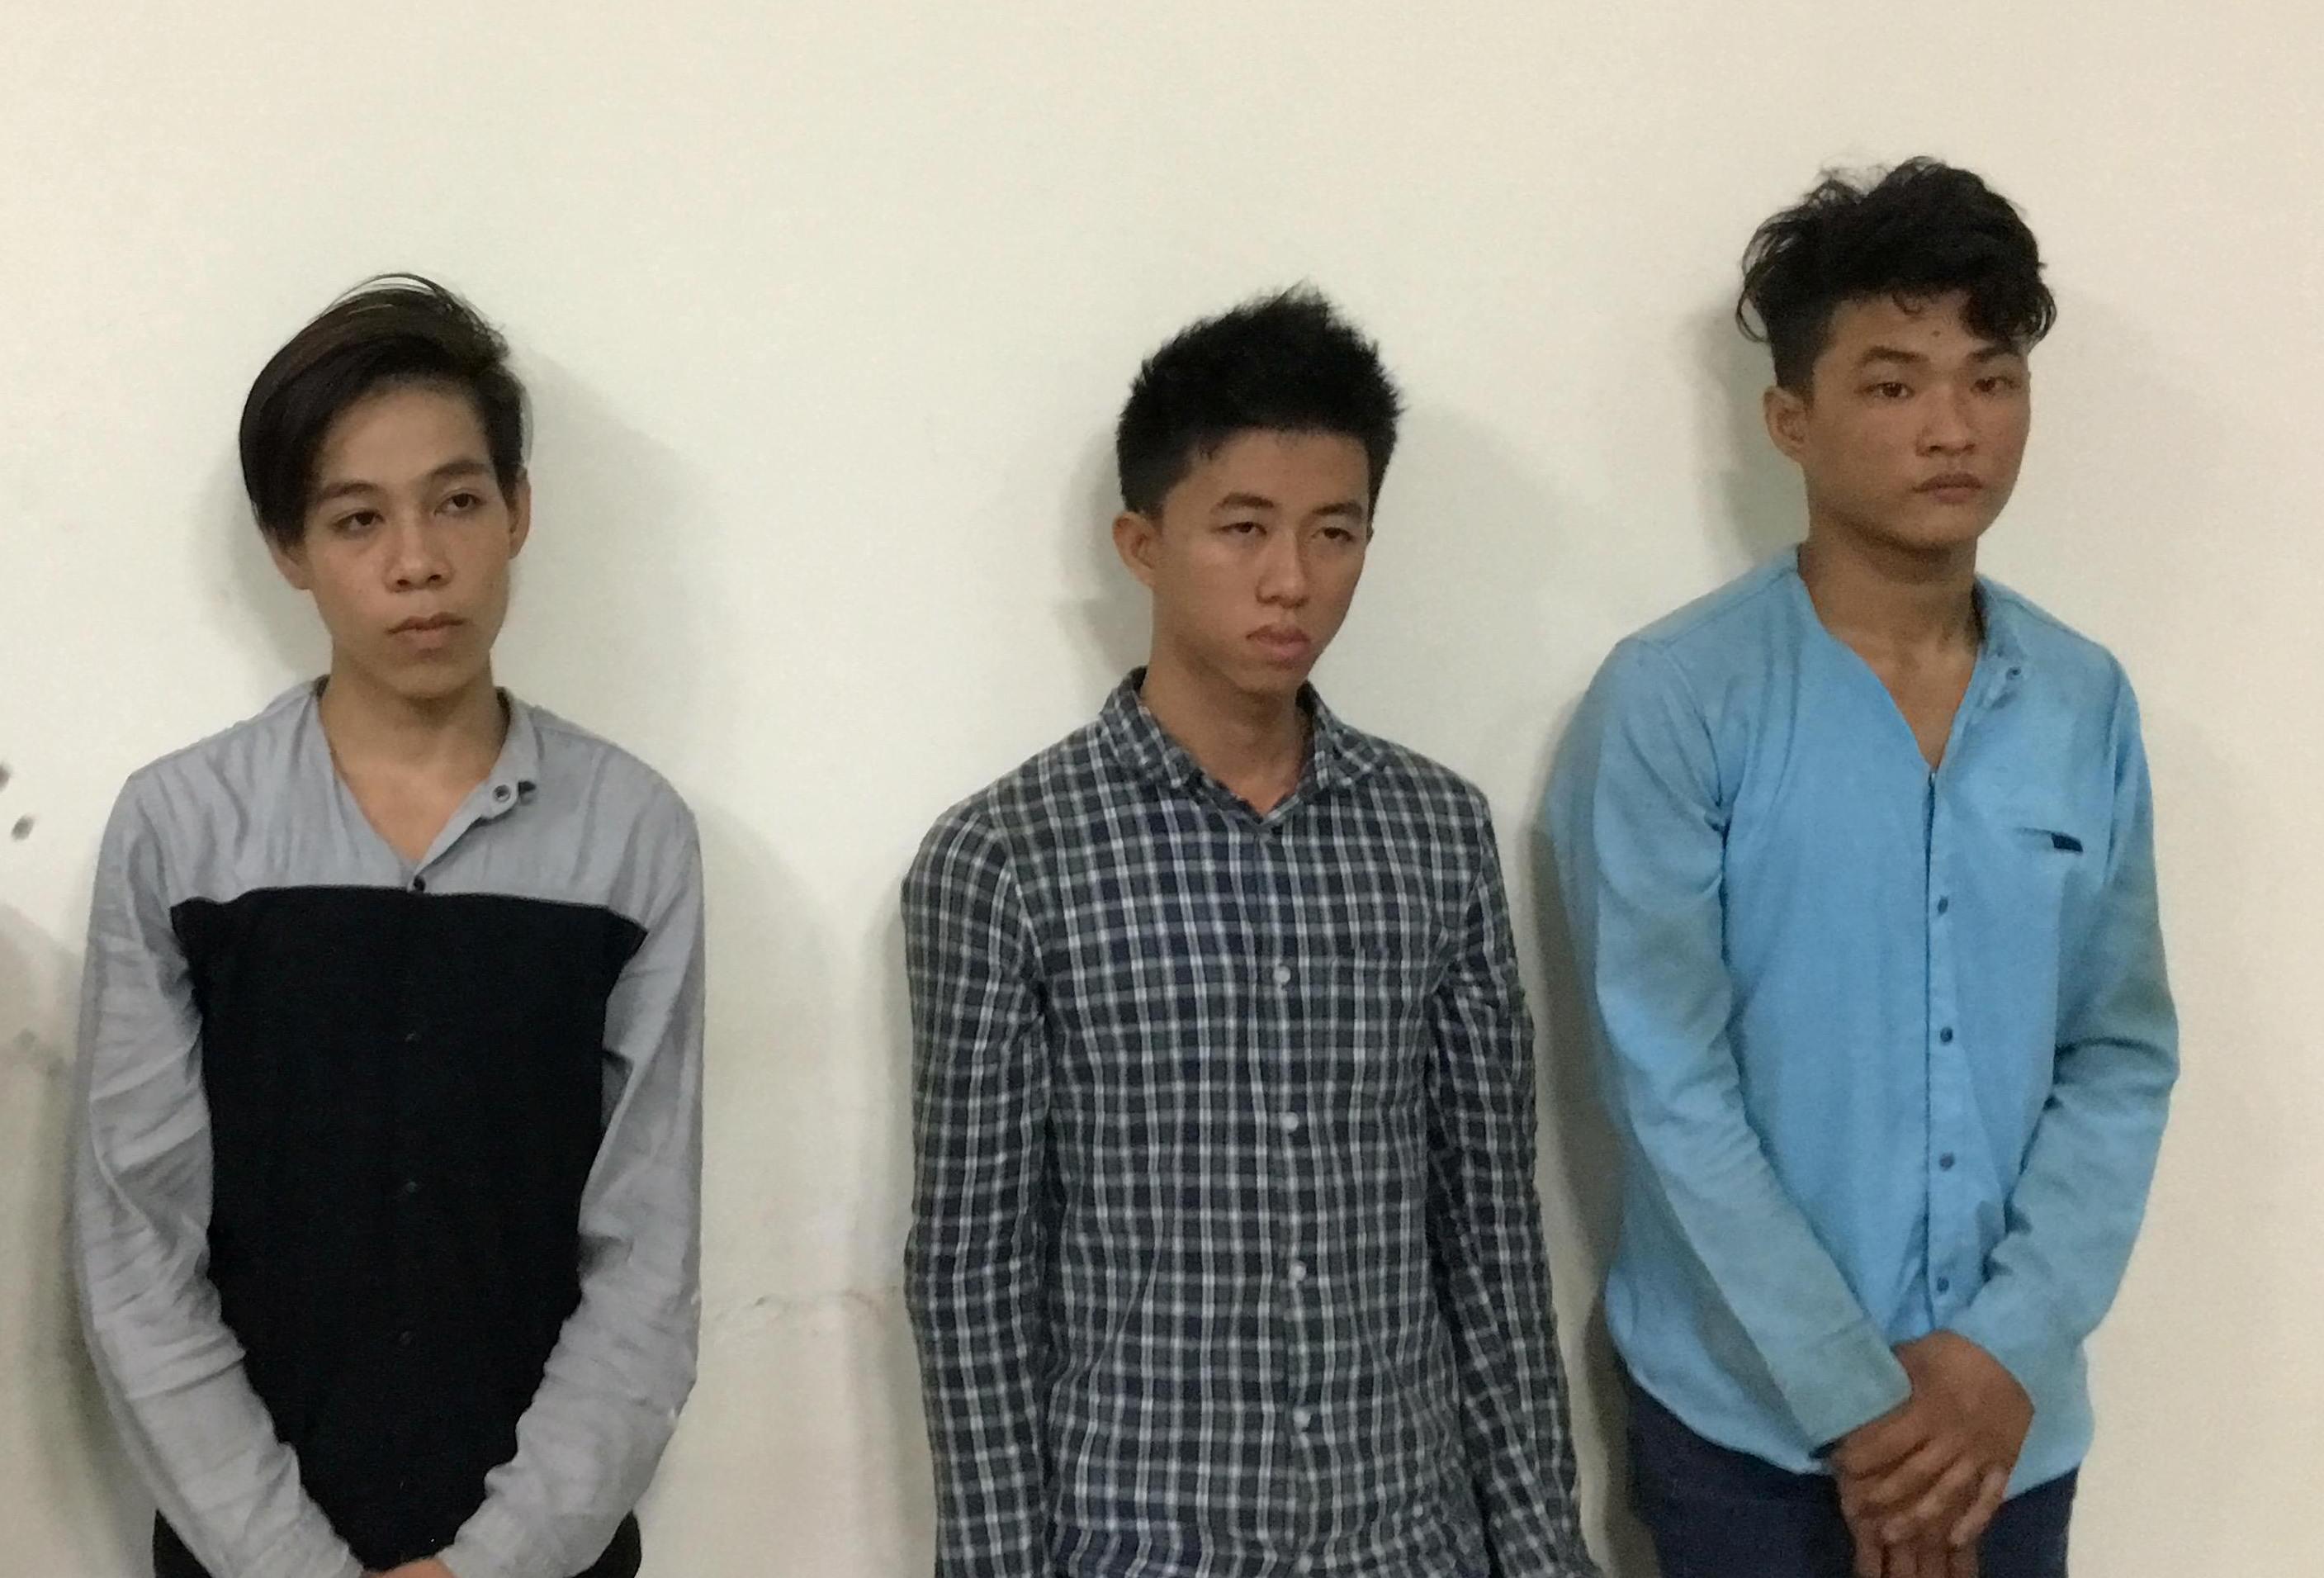 Vụ tố trộm xe, bị tố lại giết người chôn xác: Ớn lạnh lời khai của nhóm sát thủ - 1